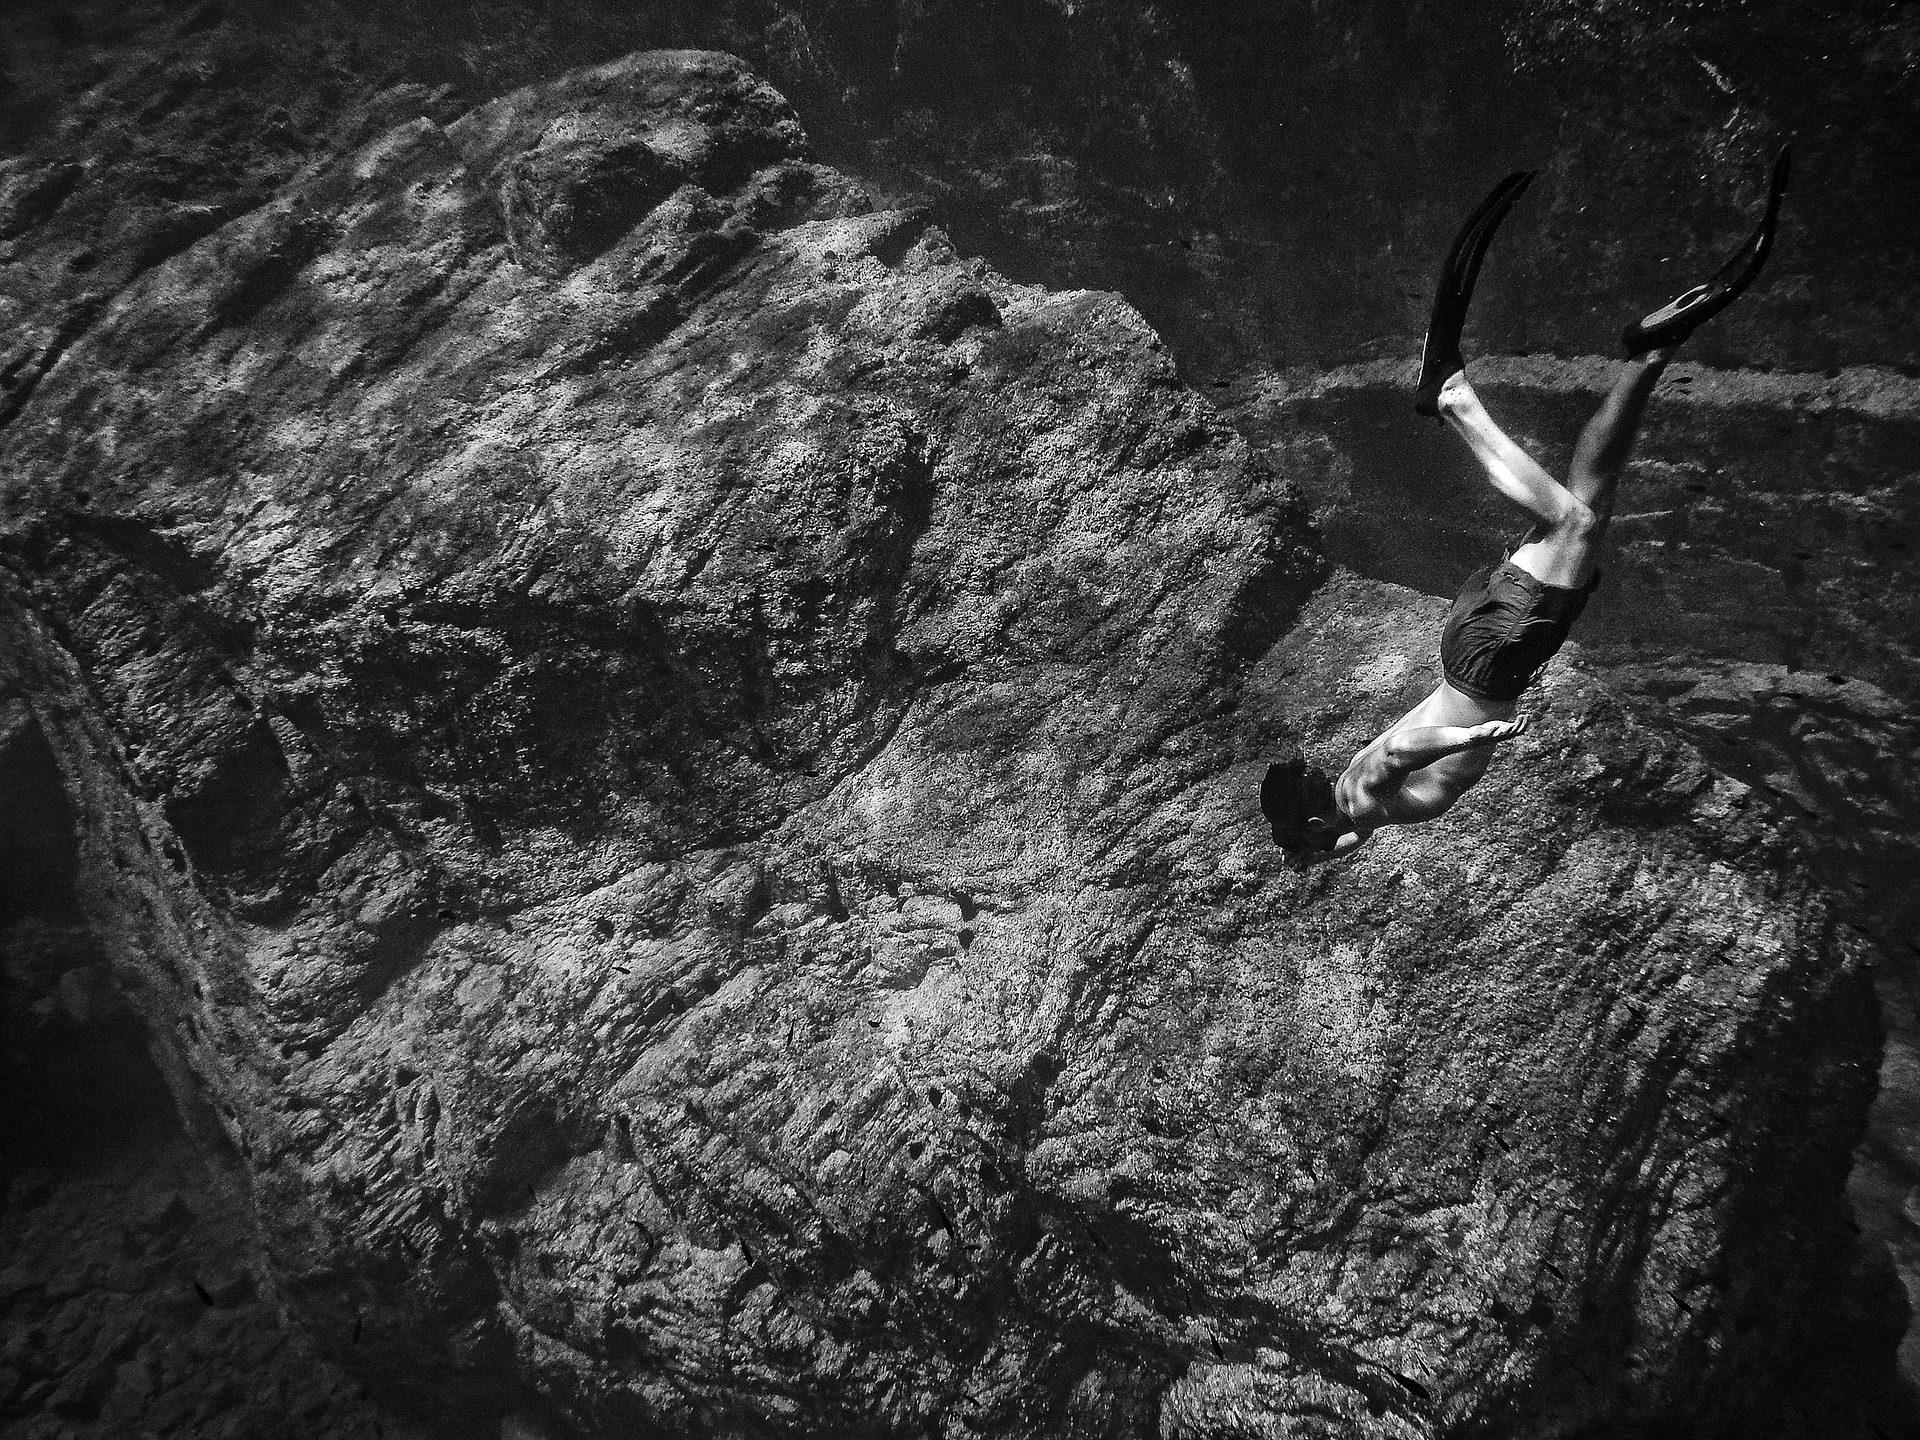 homme, Pierre, Roca, sous l'eau, Plongeur, nageoires, en noir et blanc - Fonds d'écran HD - Professor-falken.com